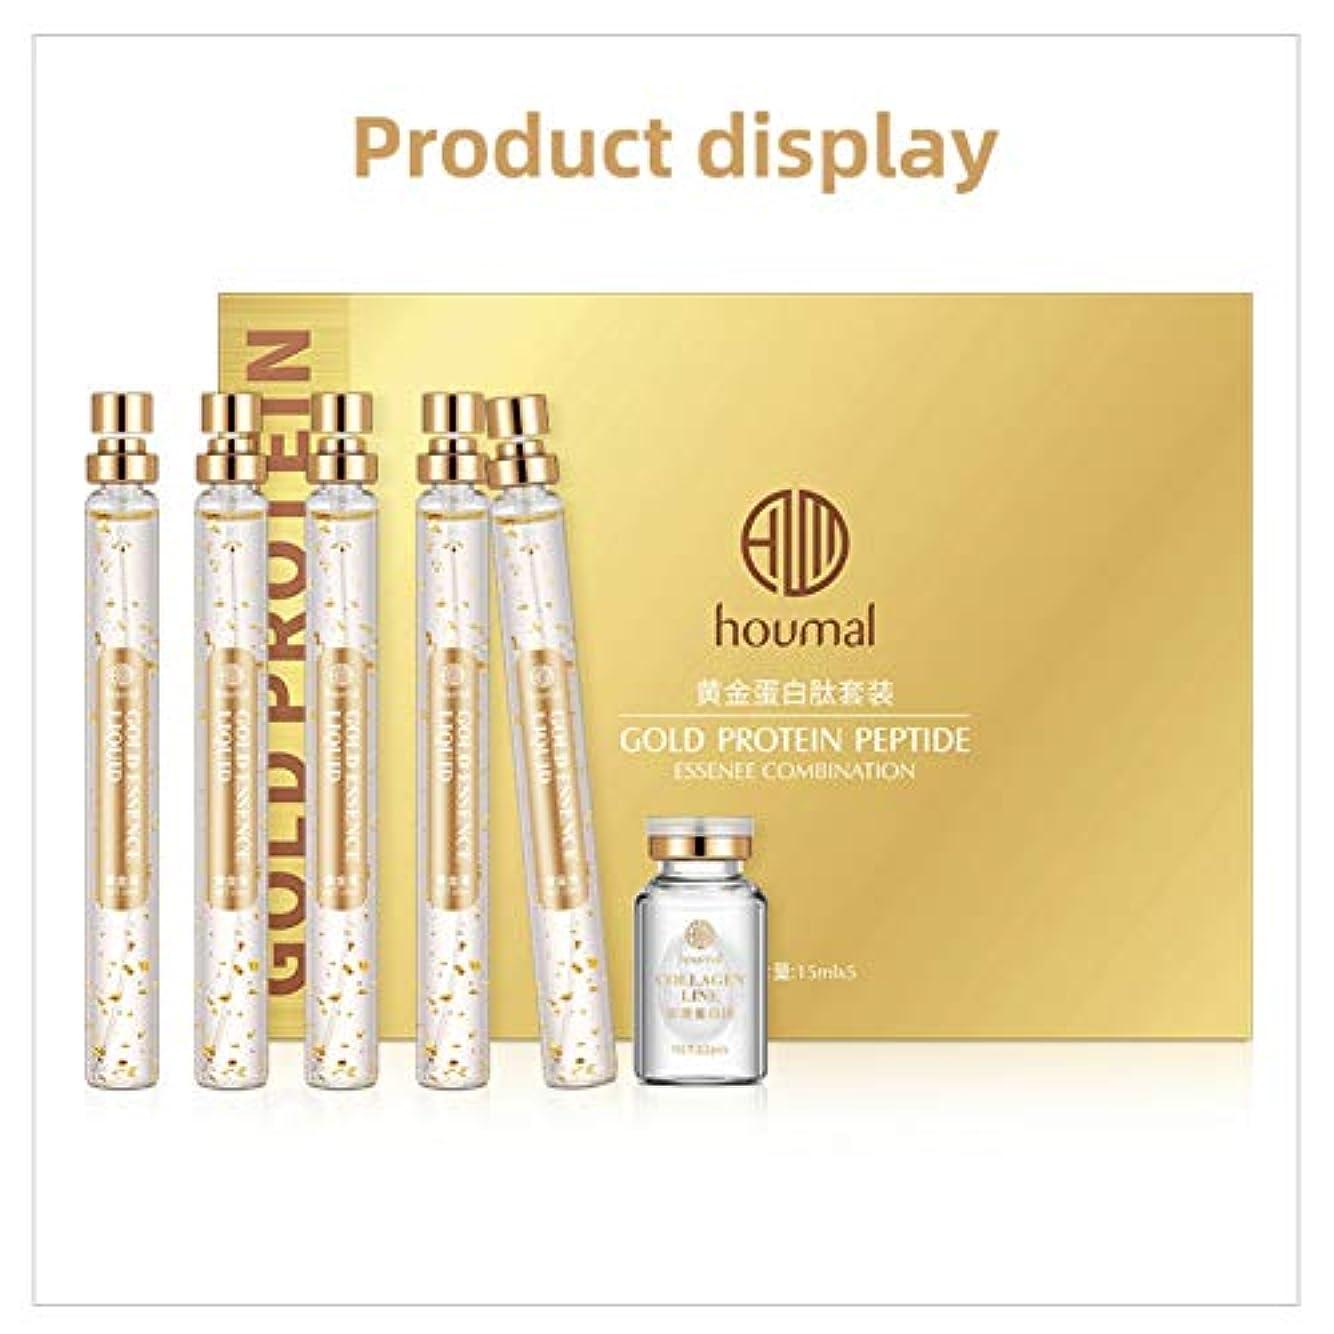 しかしながらトリムチロLucoss 24Kゴールドコラーゲンクリームエッセンス、保湿収縮孔、肌の引き締め、乾燥防止、老化防止